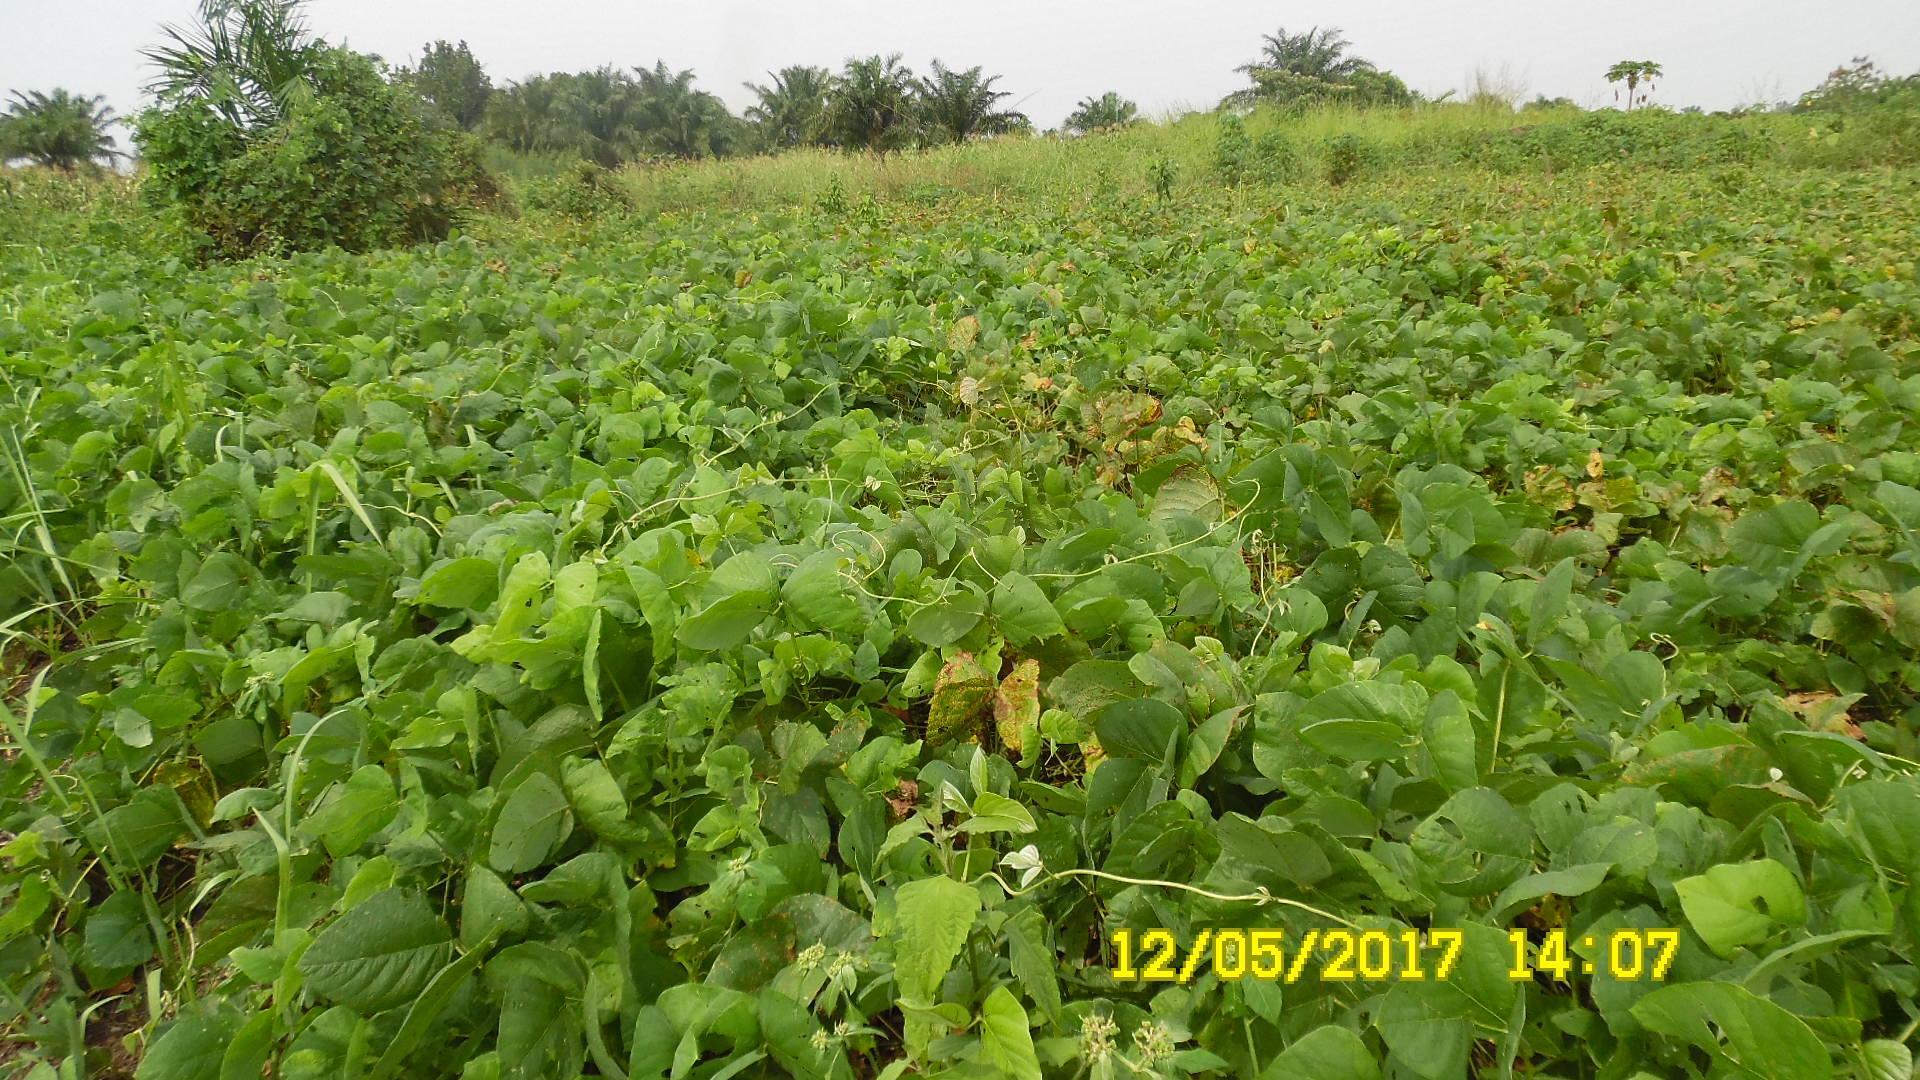 Les engrais verts : solution pour l'amélioration de la qualité des sols agricoles